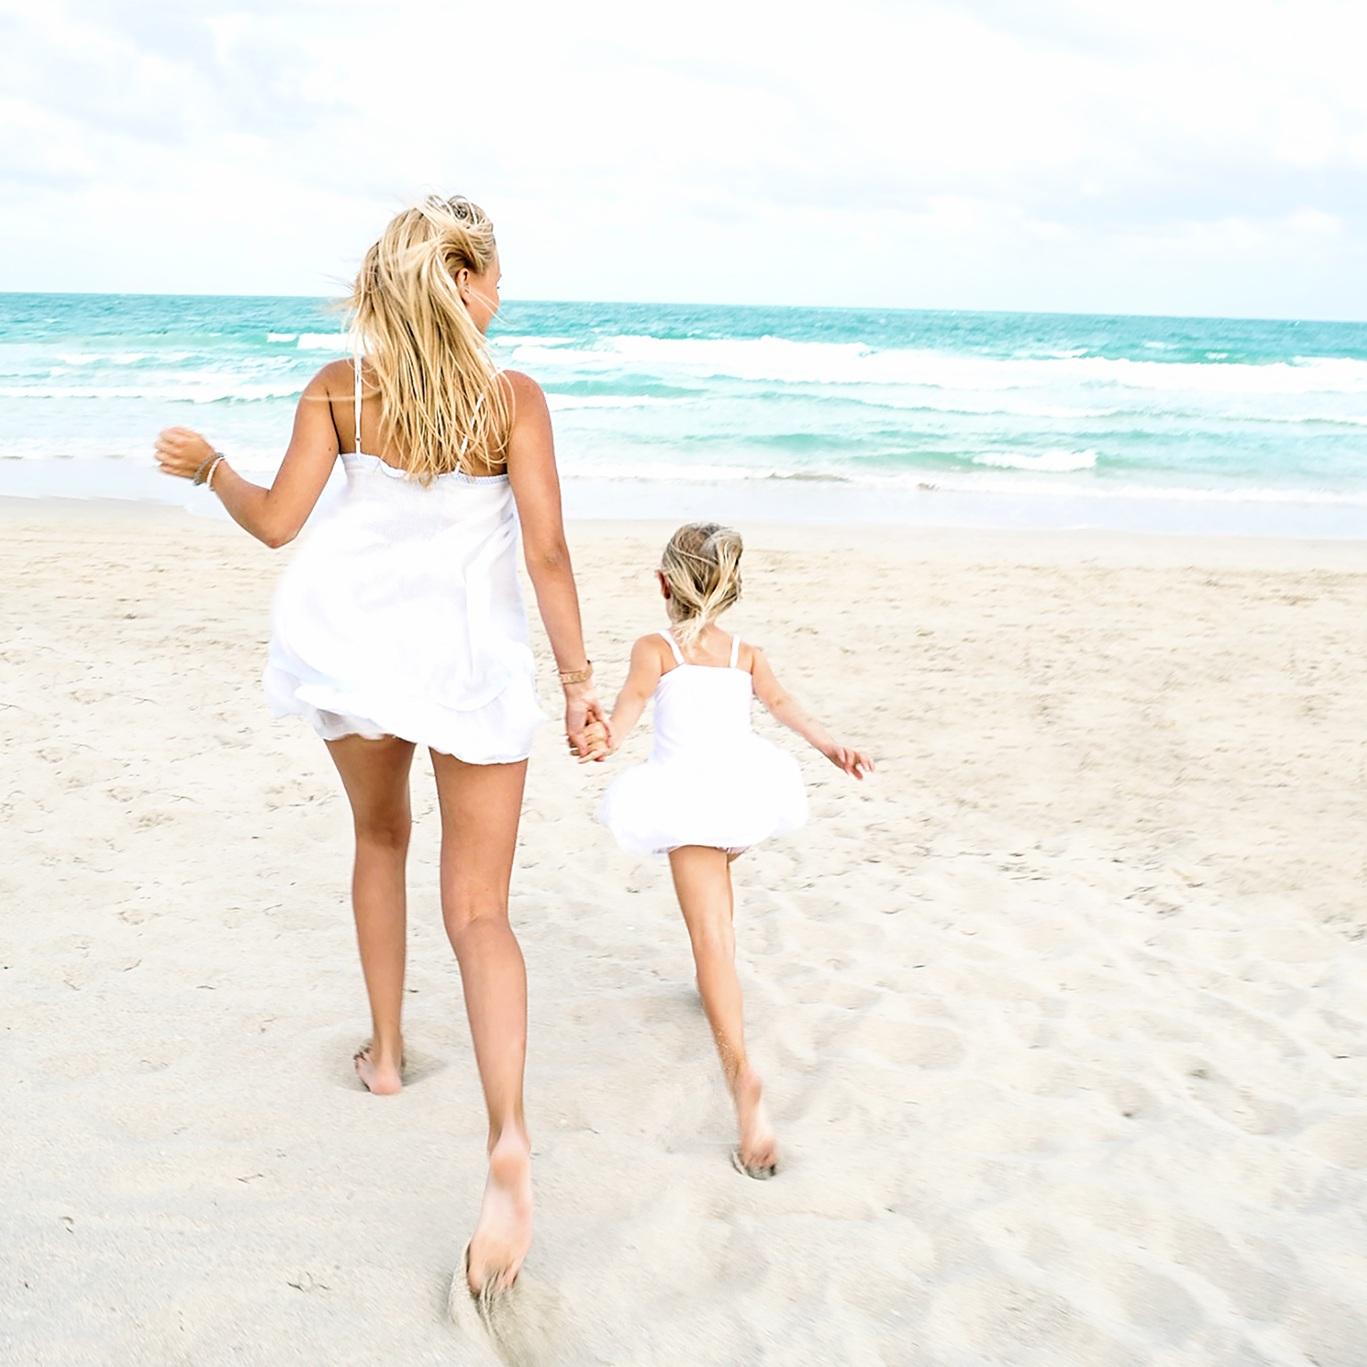 Beach_231.jpg